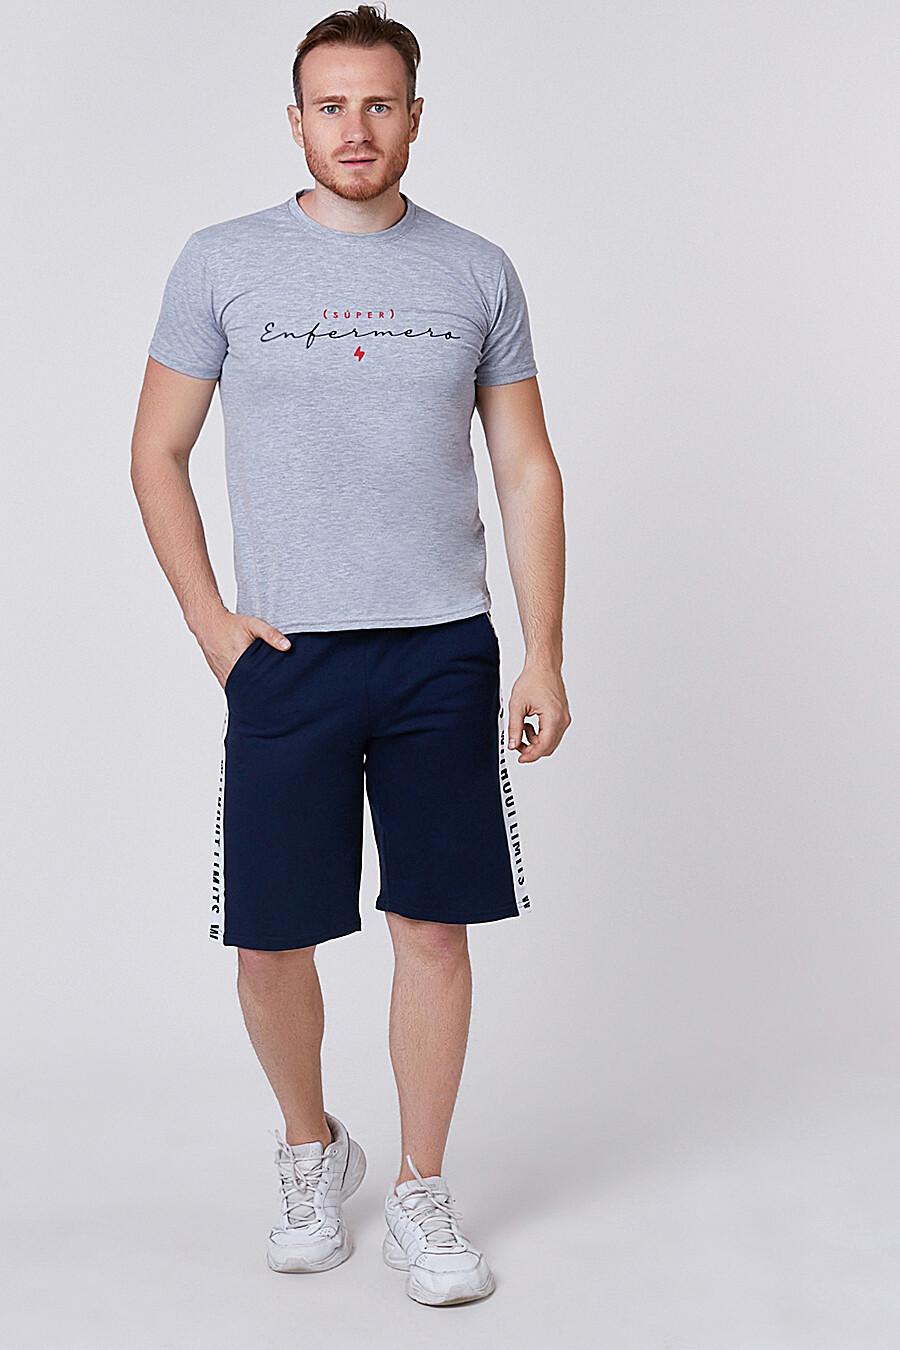 Шорты для мужчин ROXY FOXY 668031 купить оптом от производителя. Совместная покупка мужской одежды в OptMoyo